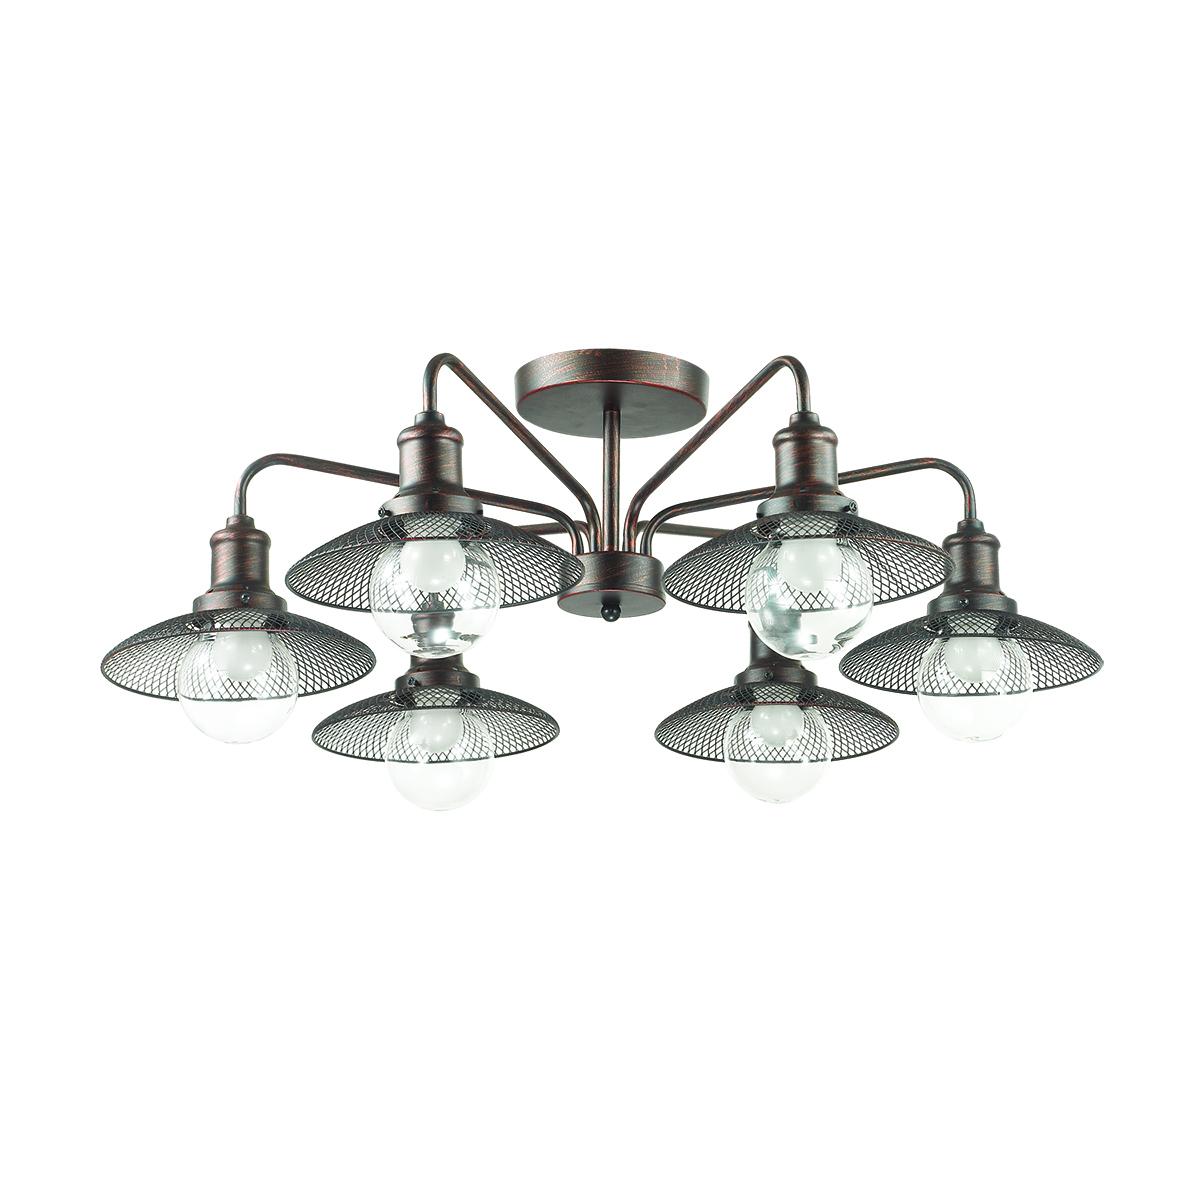 Потолочная люстра Lumion Ludacris 3513/6C, 6xE27x60W, коричневый, прозрачный, металл, стекло - фото 2